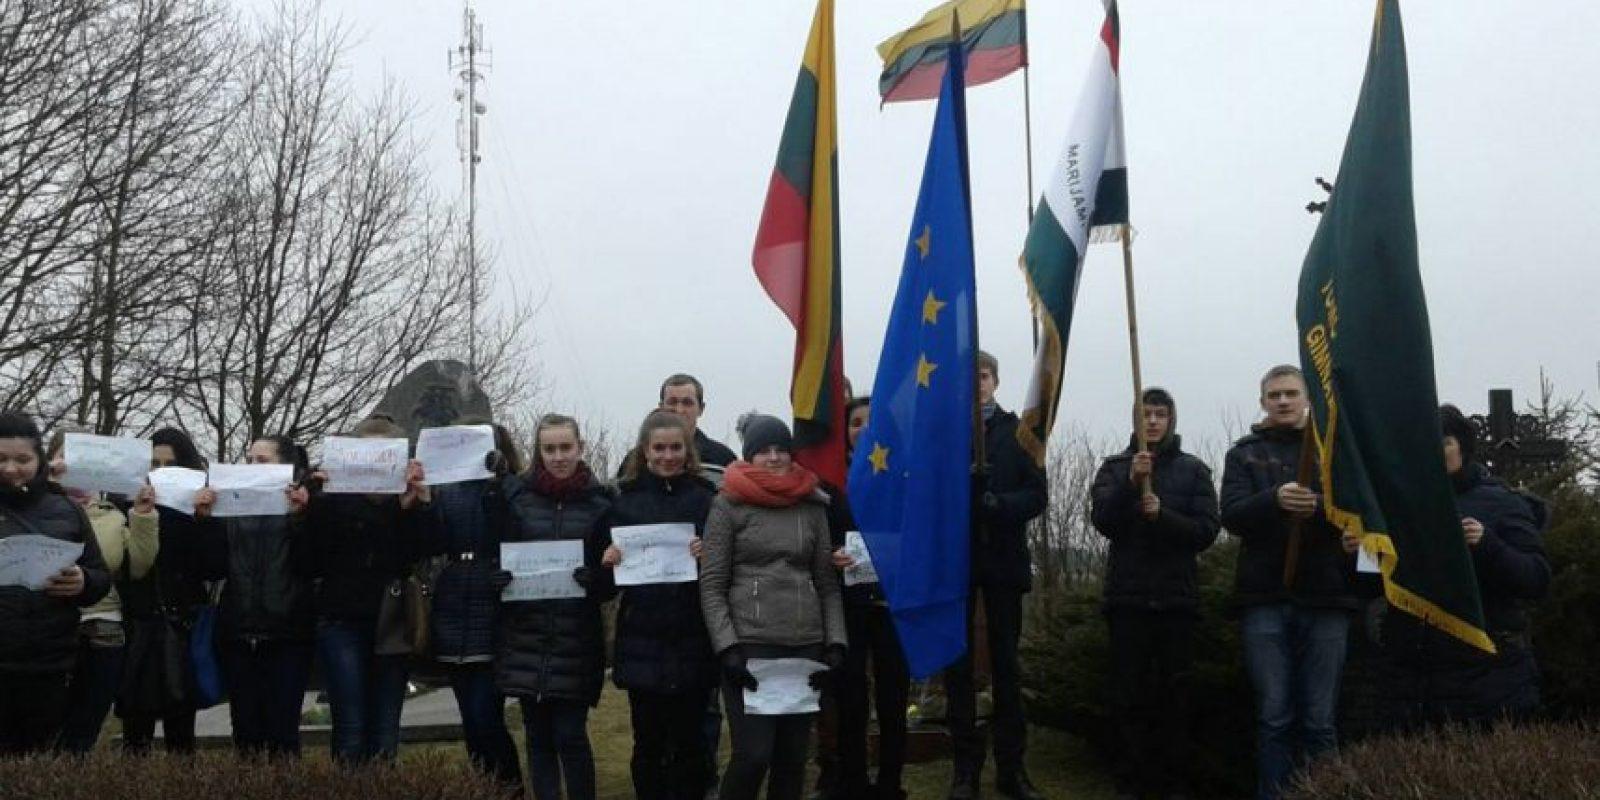 Lituania Foto:Facebook de Antanas Mockus